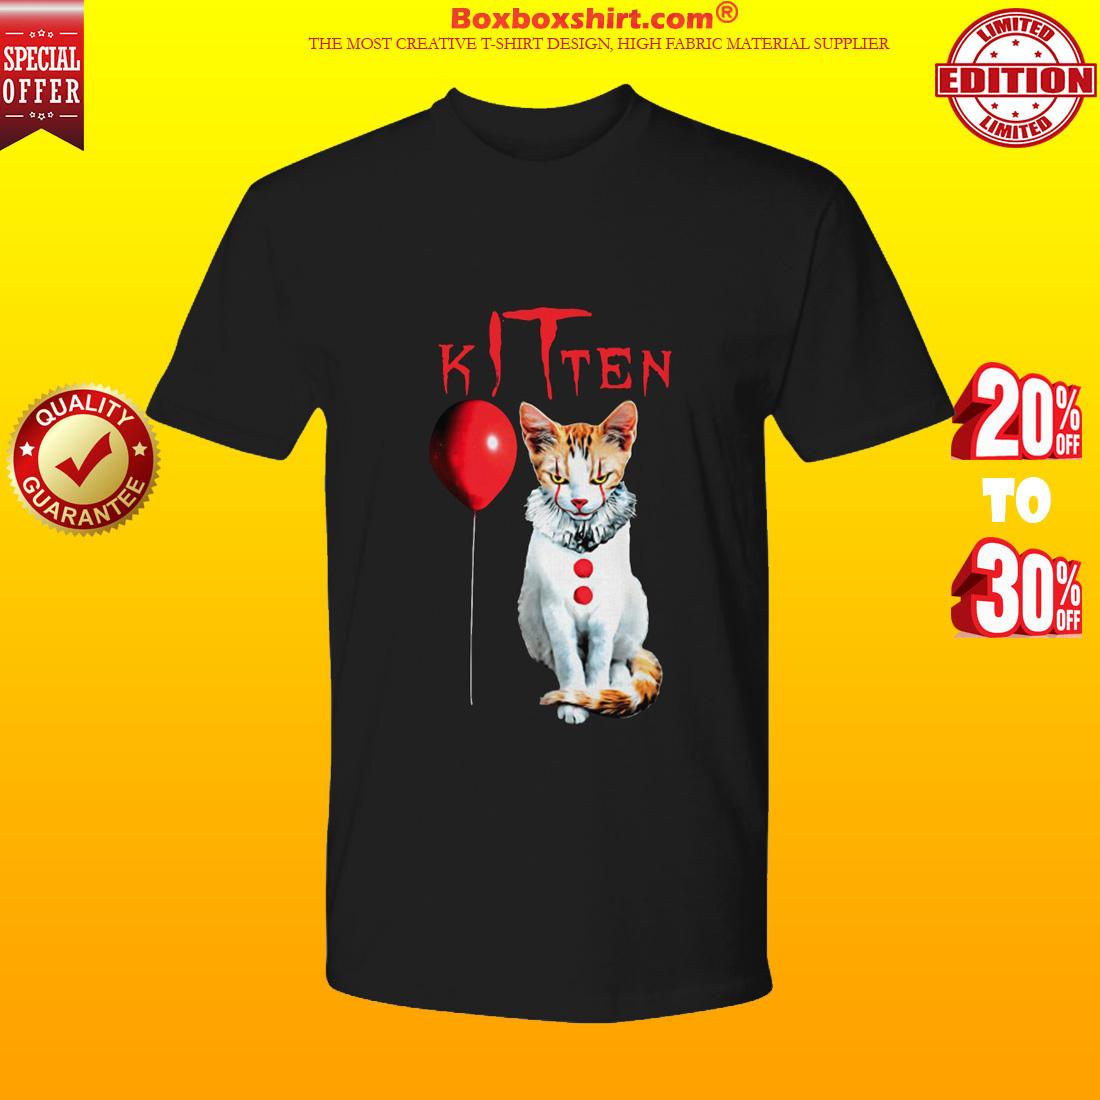 IT kitten cat premium tee shirt